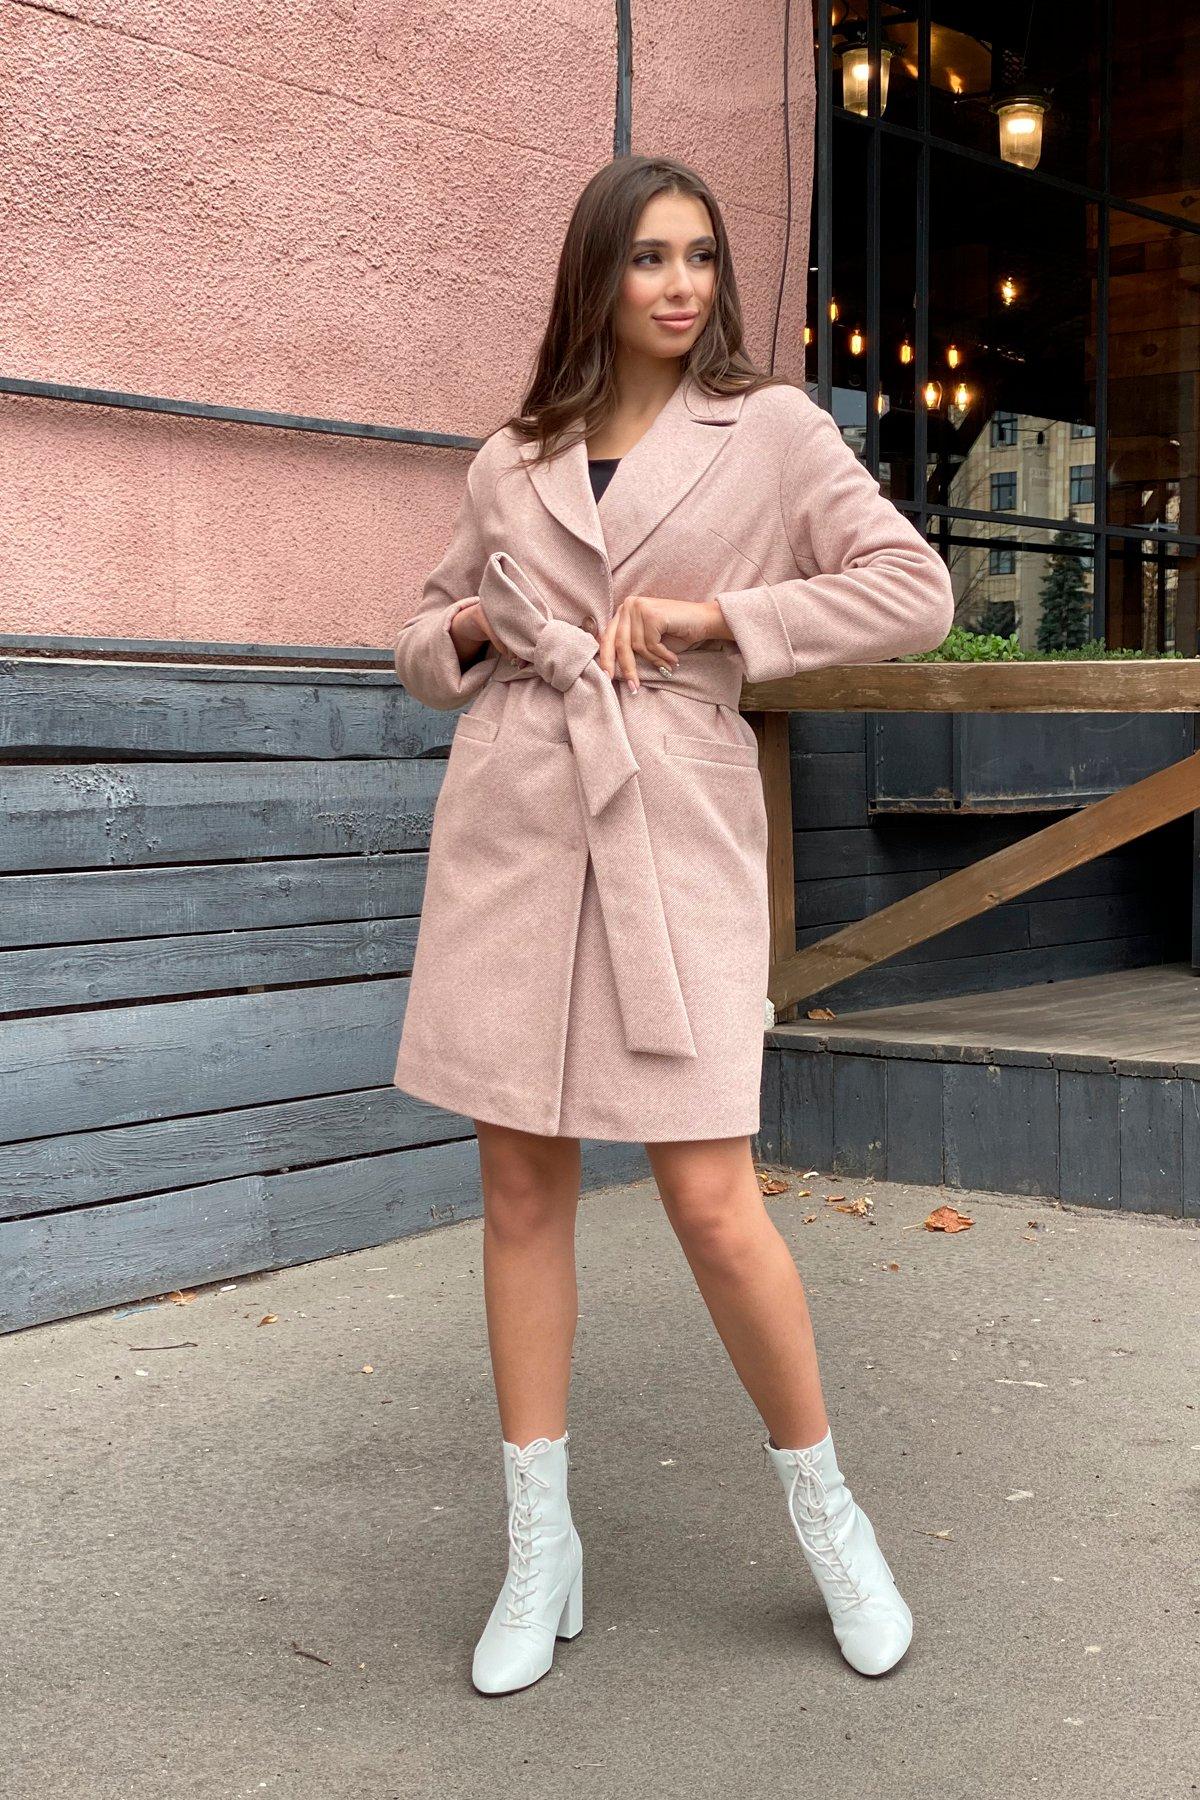 Зимнее утепленное пальто диагональ Вива 8243 АРТ. 44280 Цвет: Бежевый - фото 15, интернет магазин tm-modus.ru